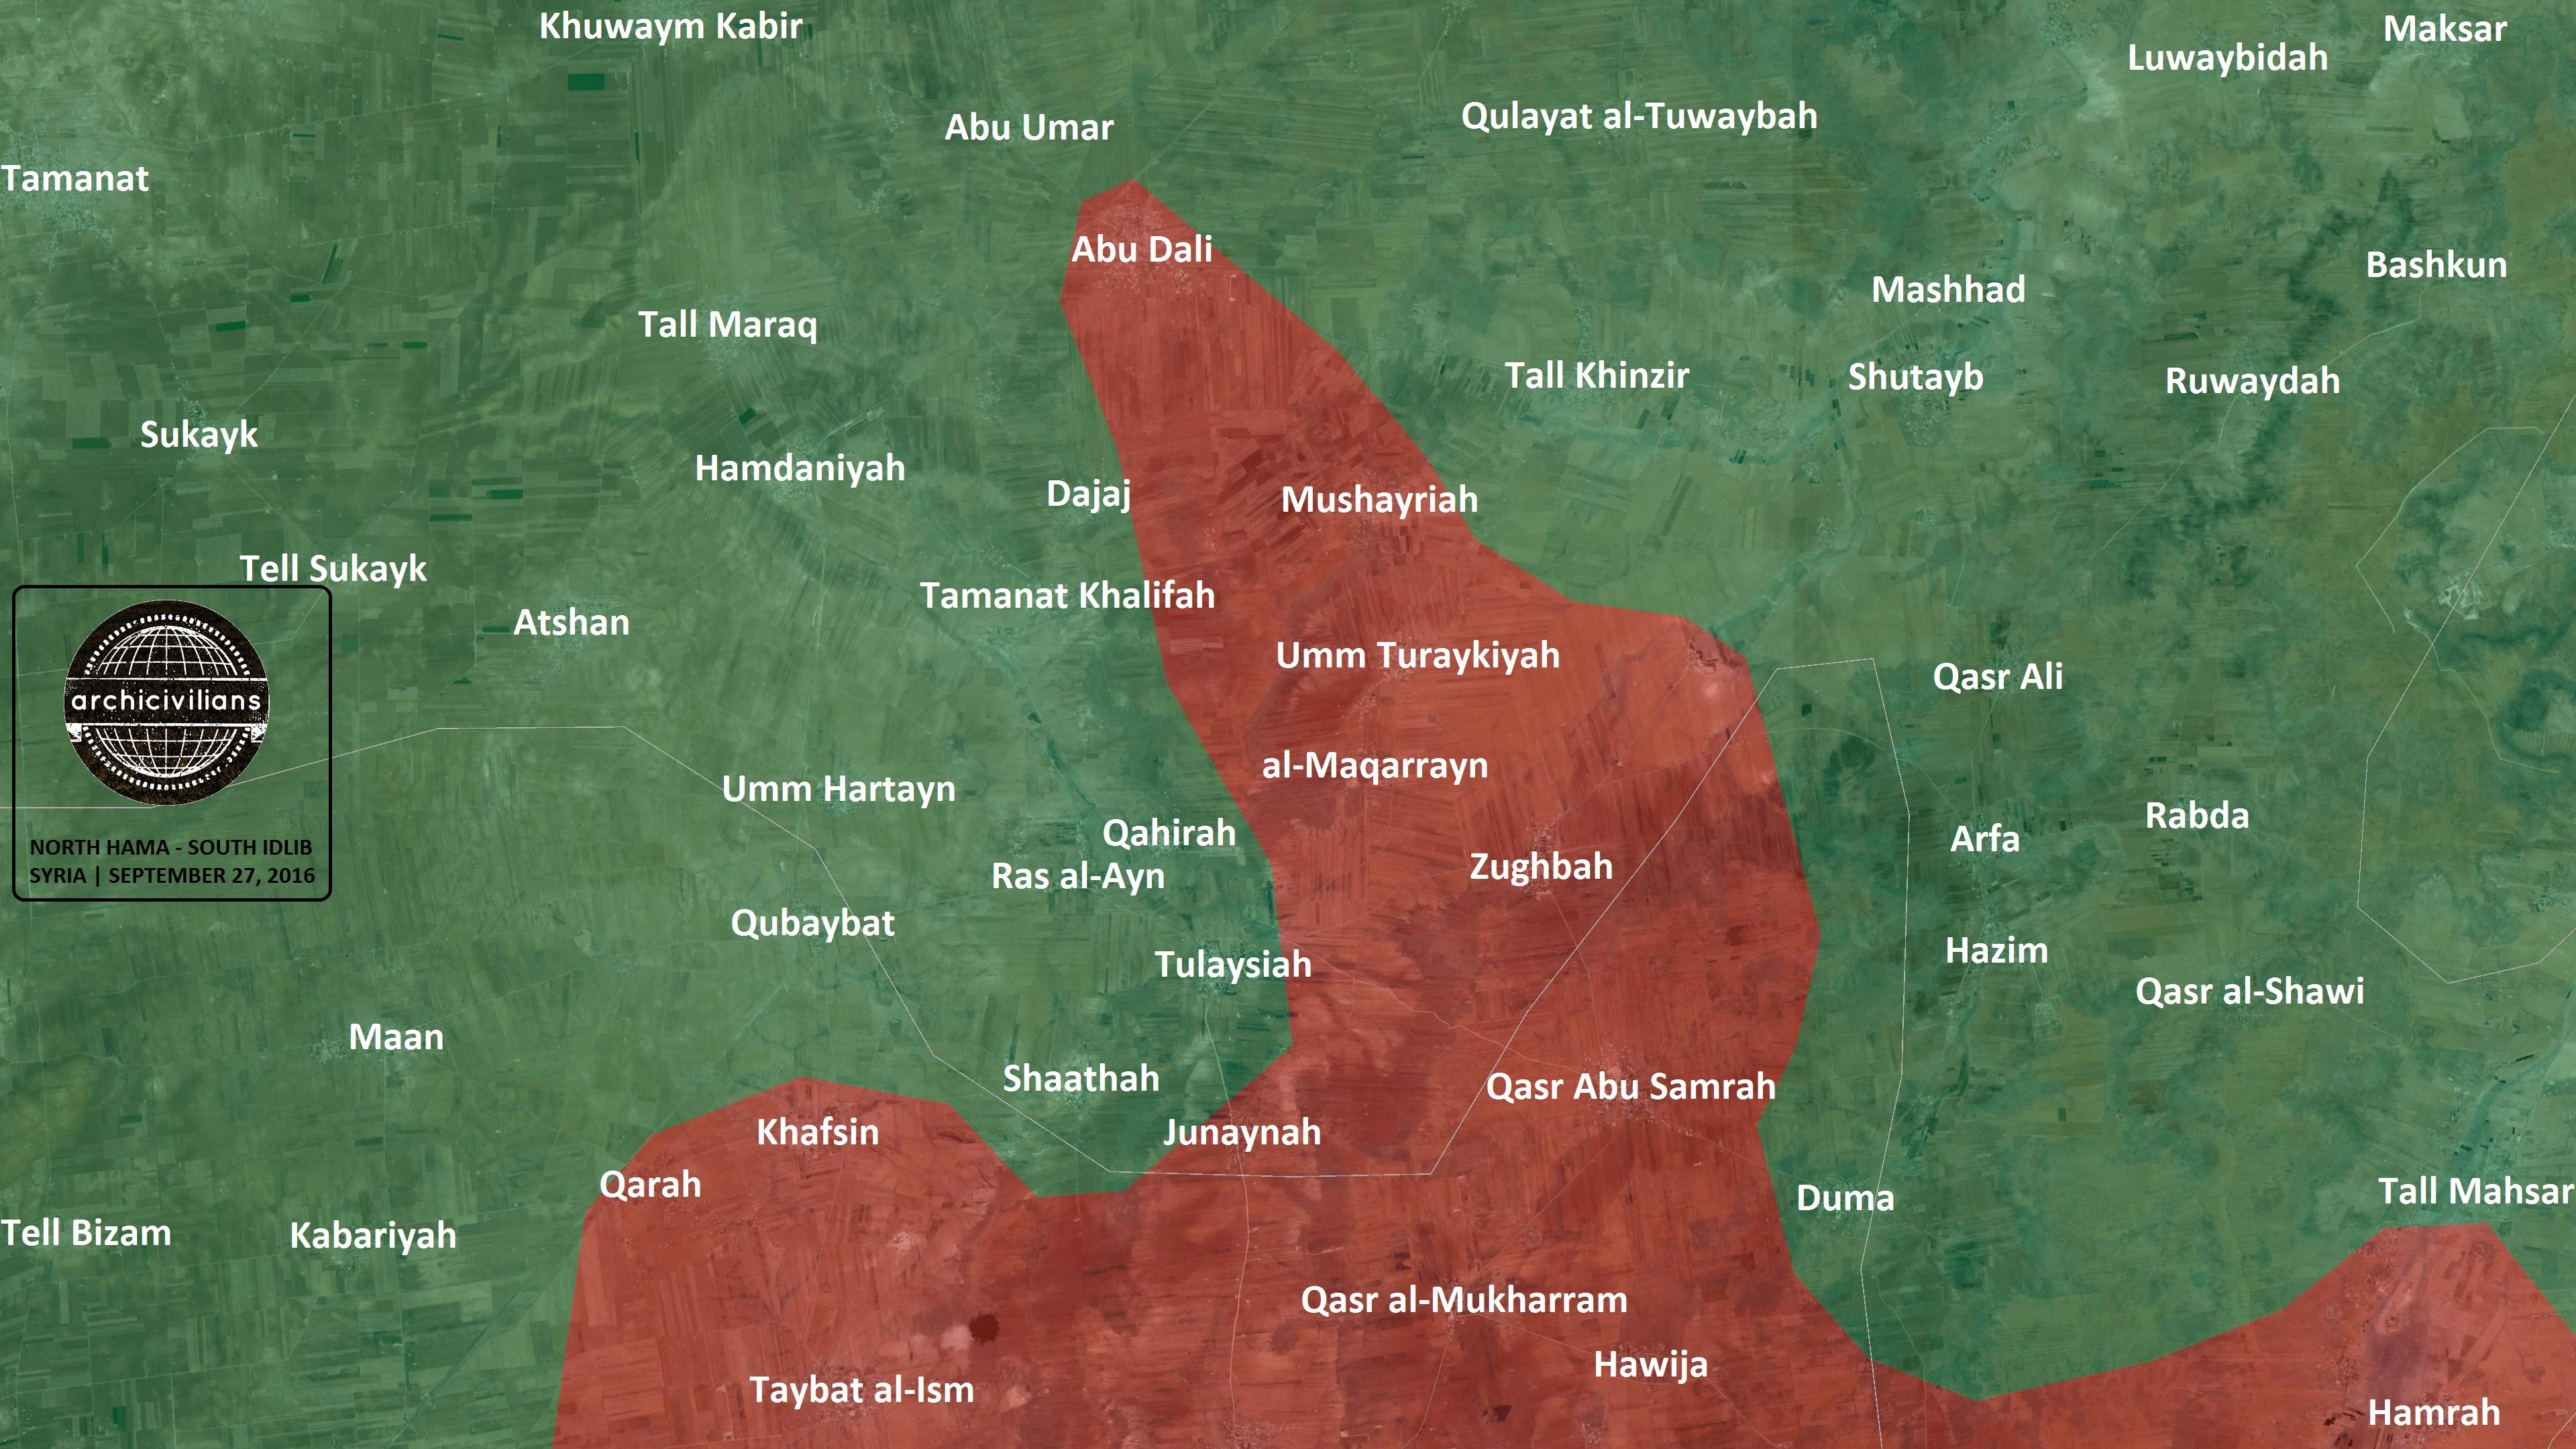 2016.09.27 карта Север пров. Хама, юг пров. Идлиб. Сирия. Правительственные войска -- красные, мятежники -- зелёные.jpg